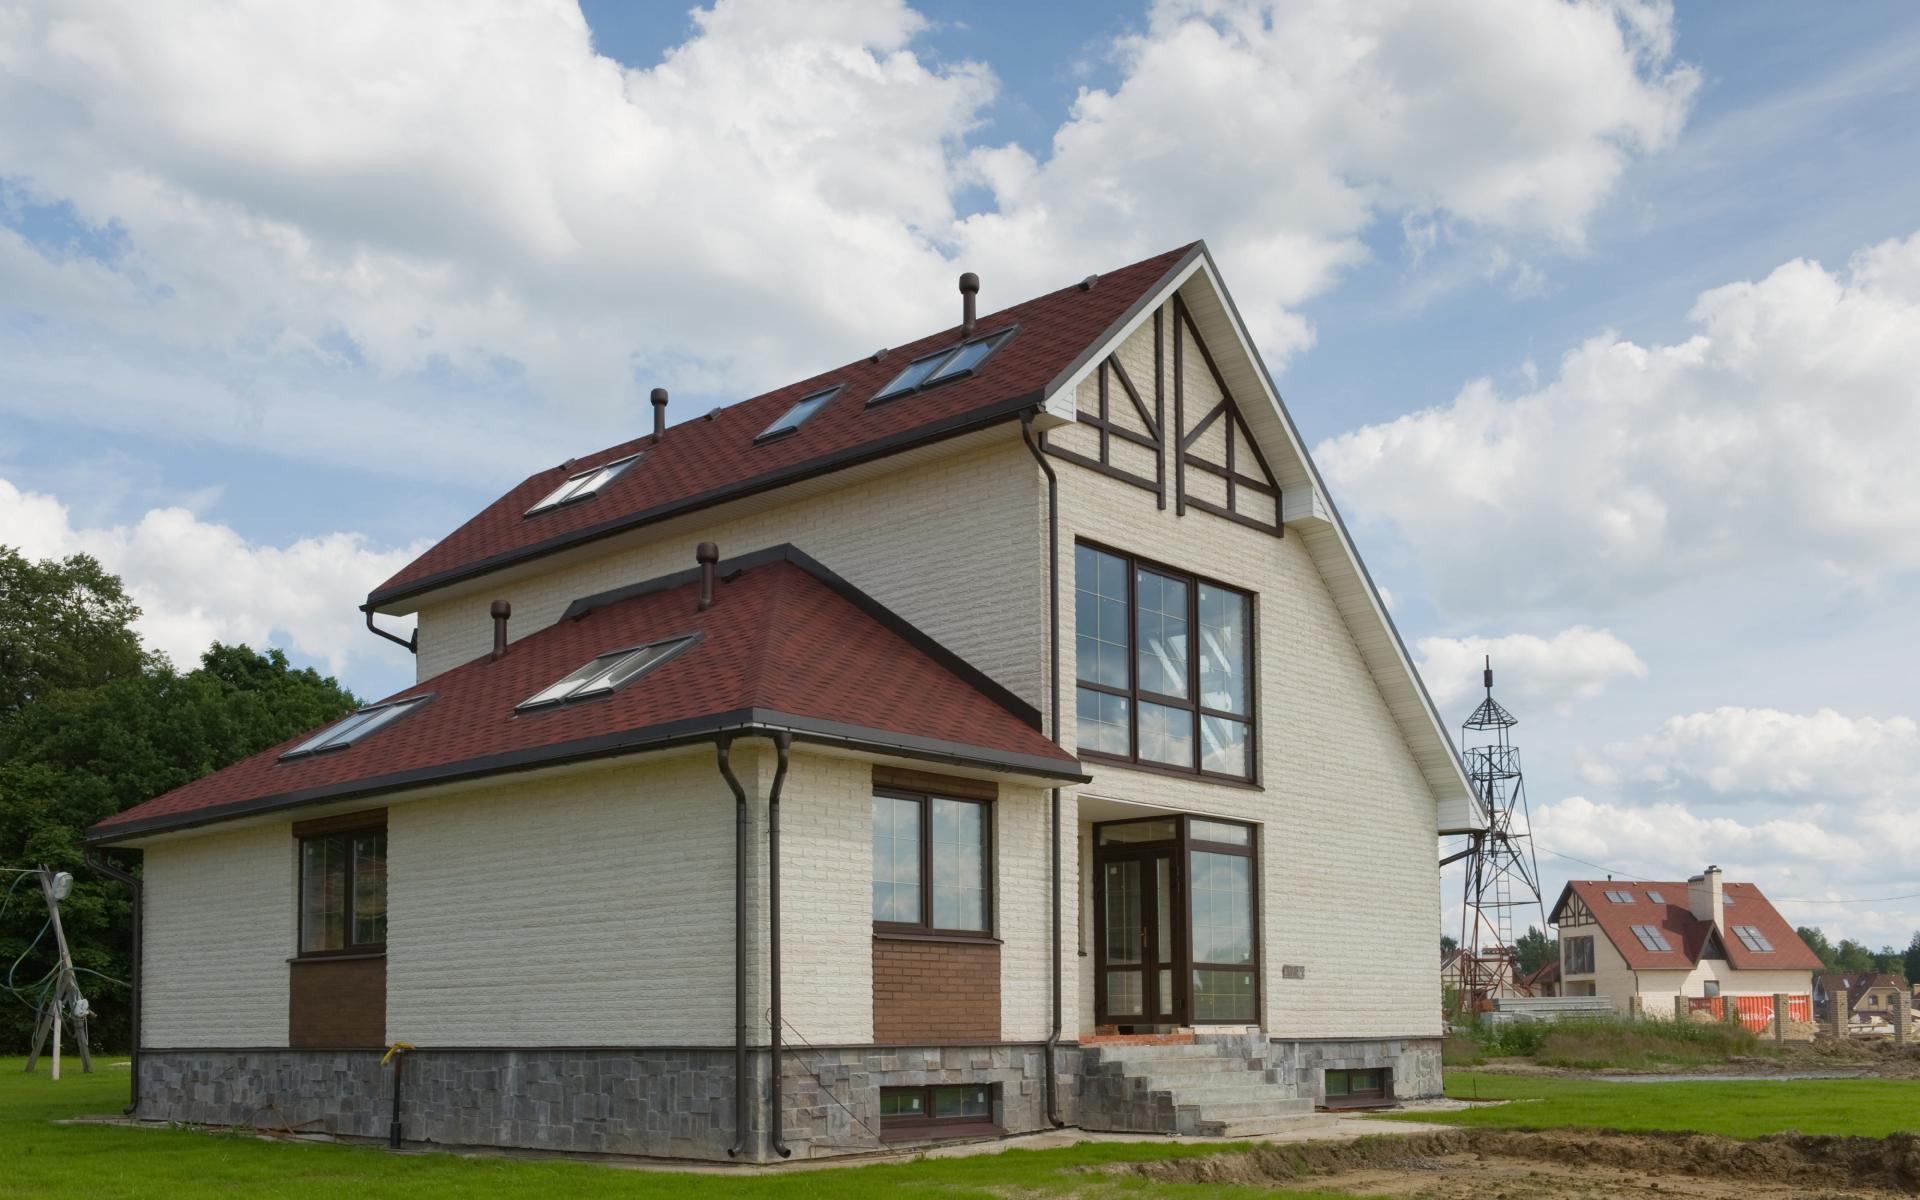 Перед строительством важно проверить наличие или отсутствие обременений в отношении земельного участка